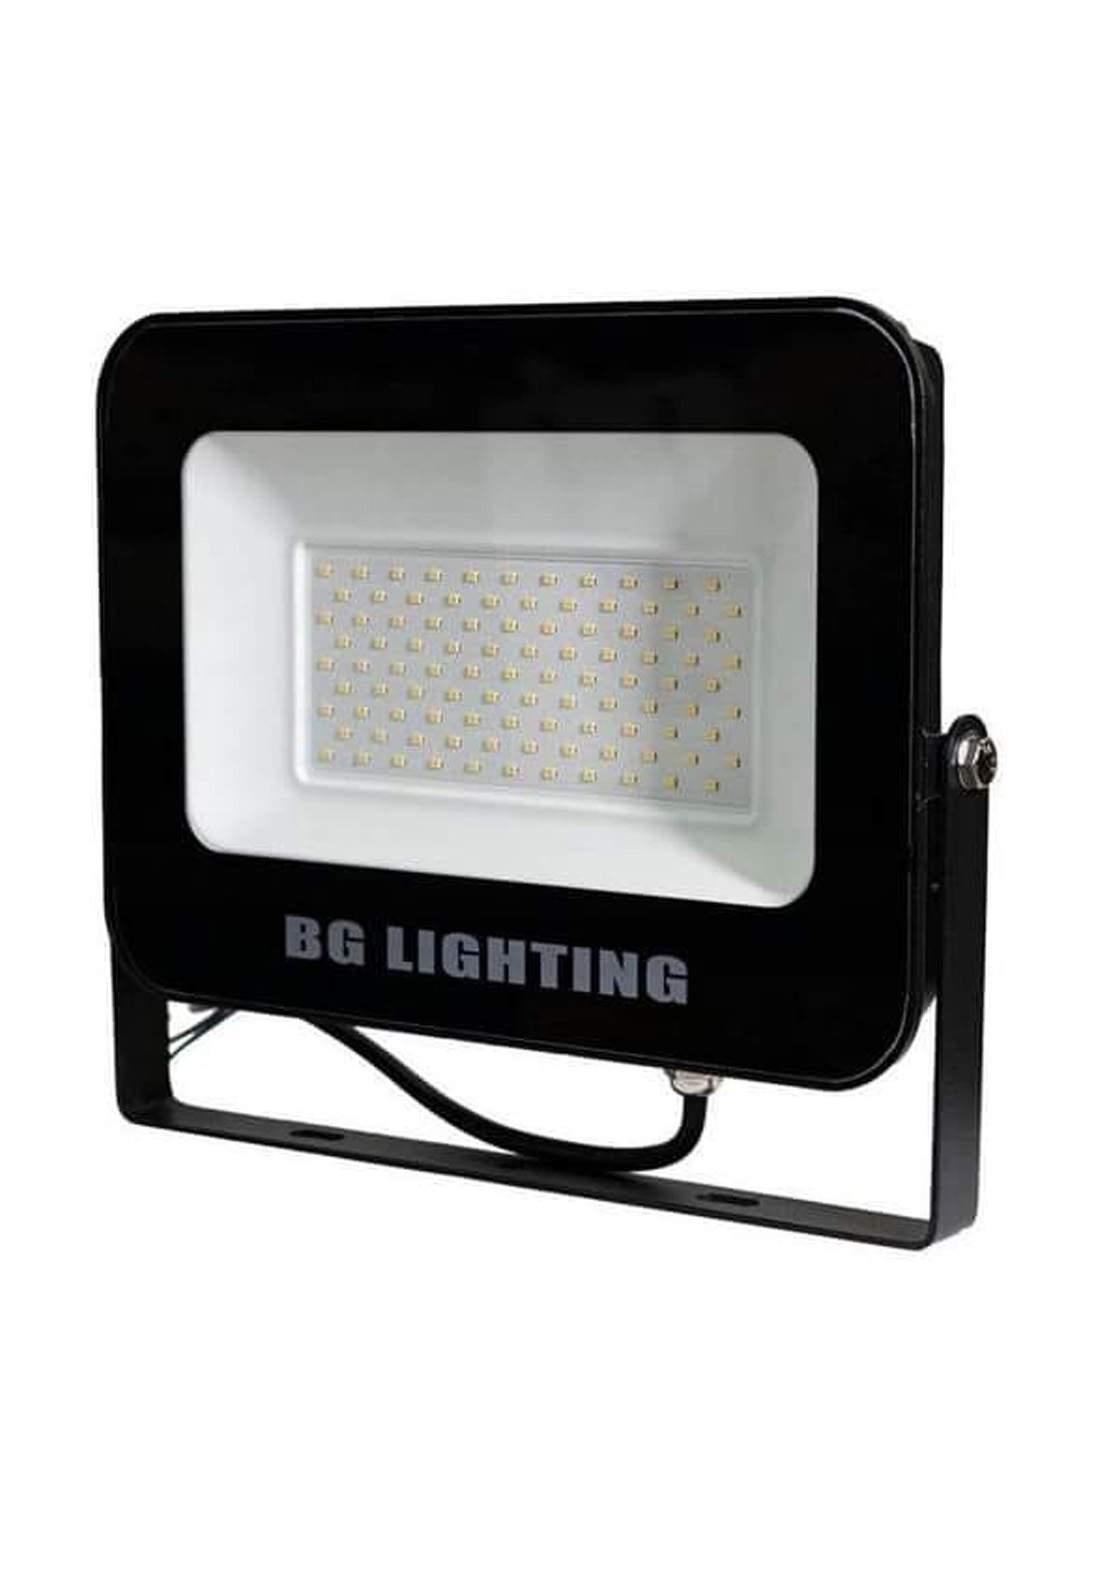 BG LED Floodlight 100 W بروجيكتر ليد